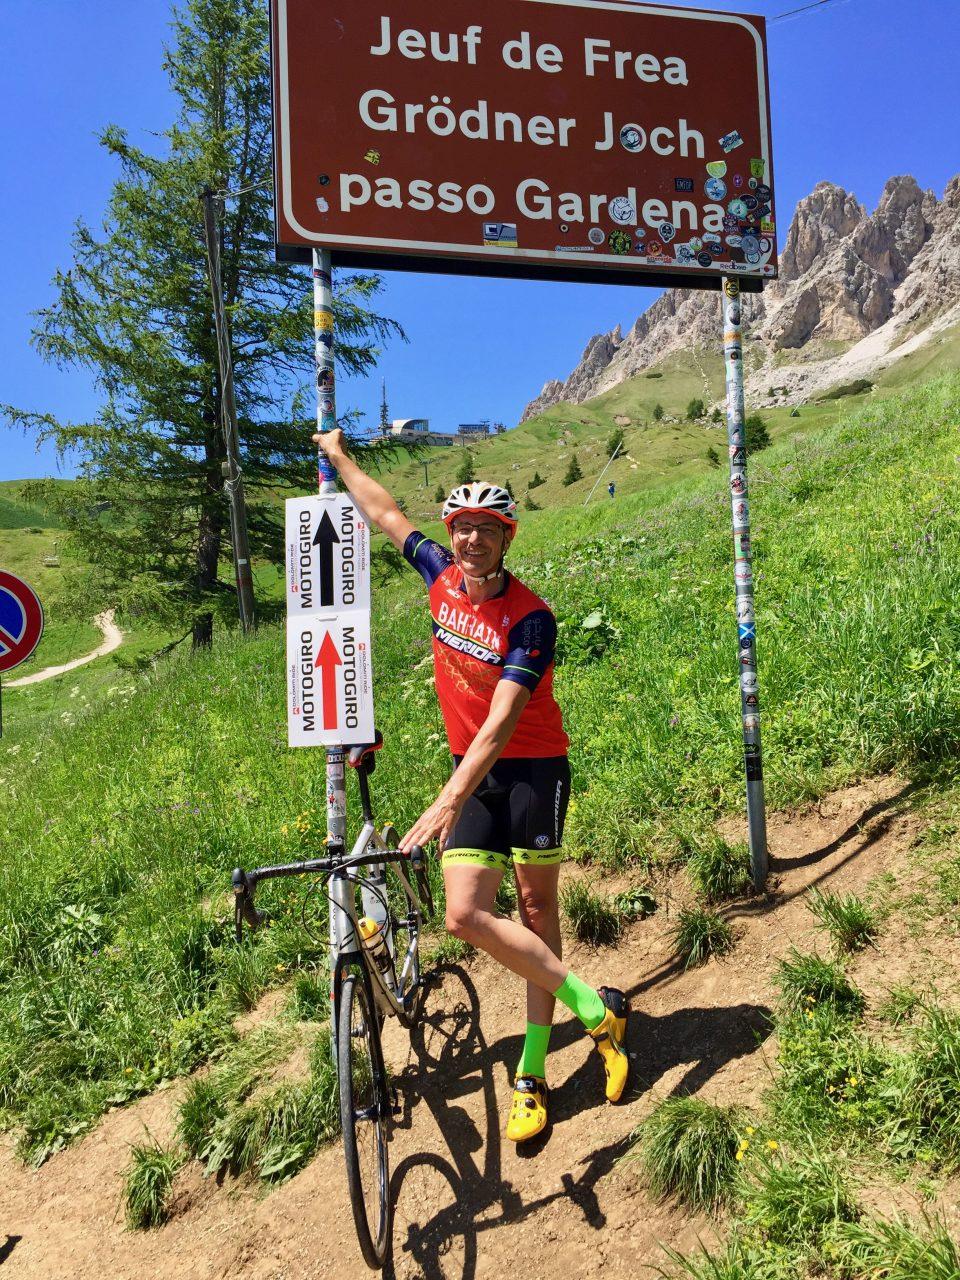 Martin, Passo Gardena, Dolomites, Italy